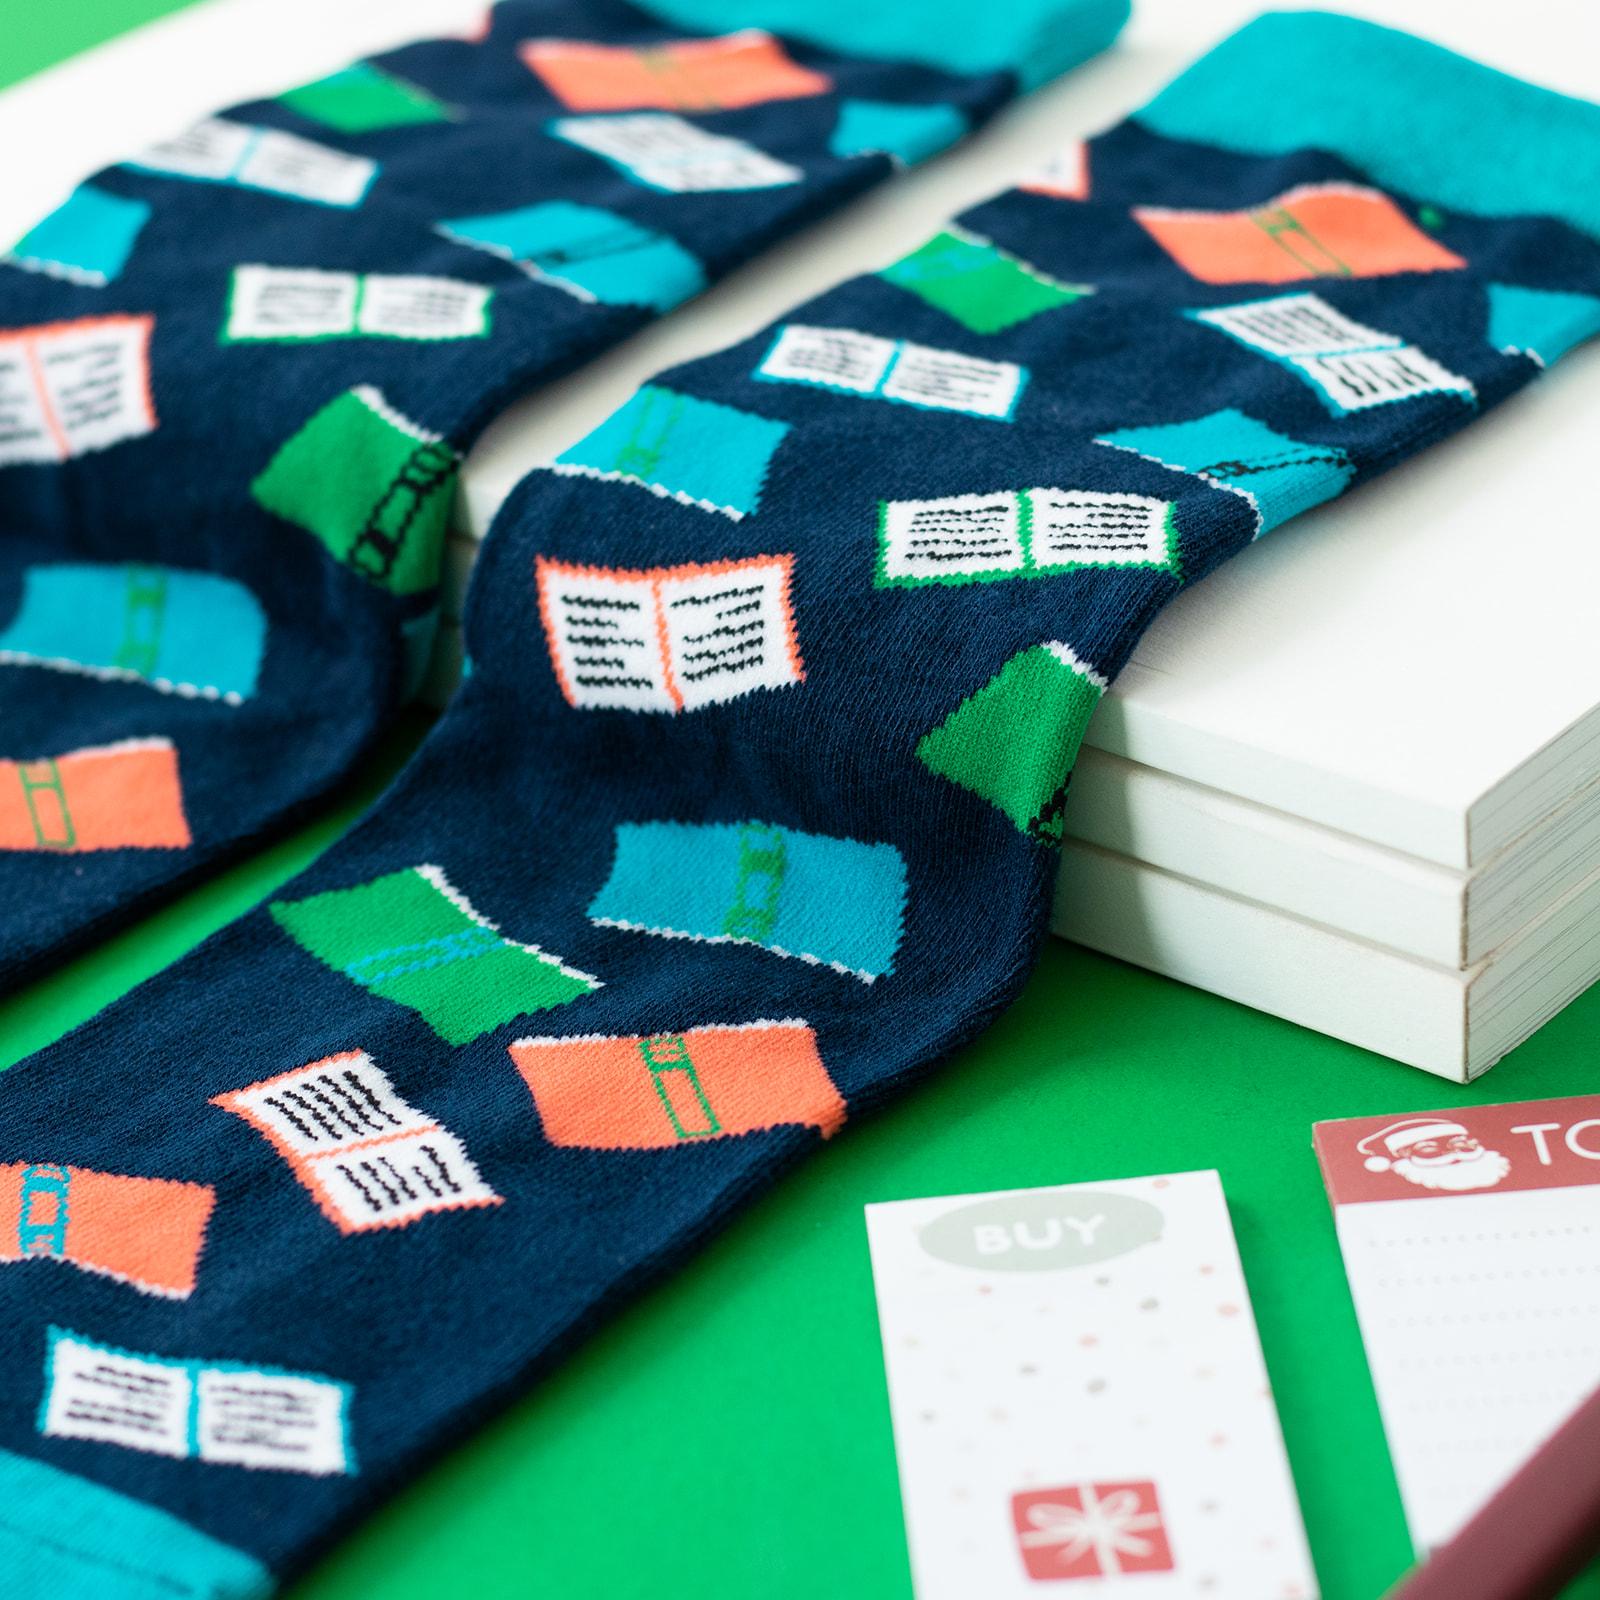 lavley funny book nerd socks for men and women